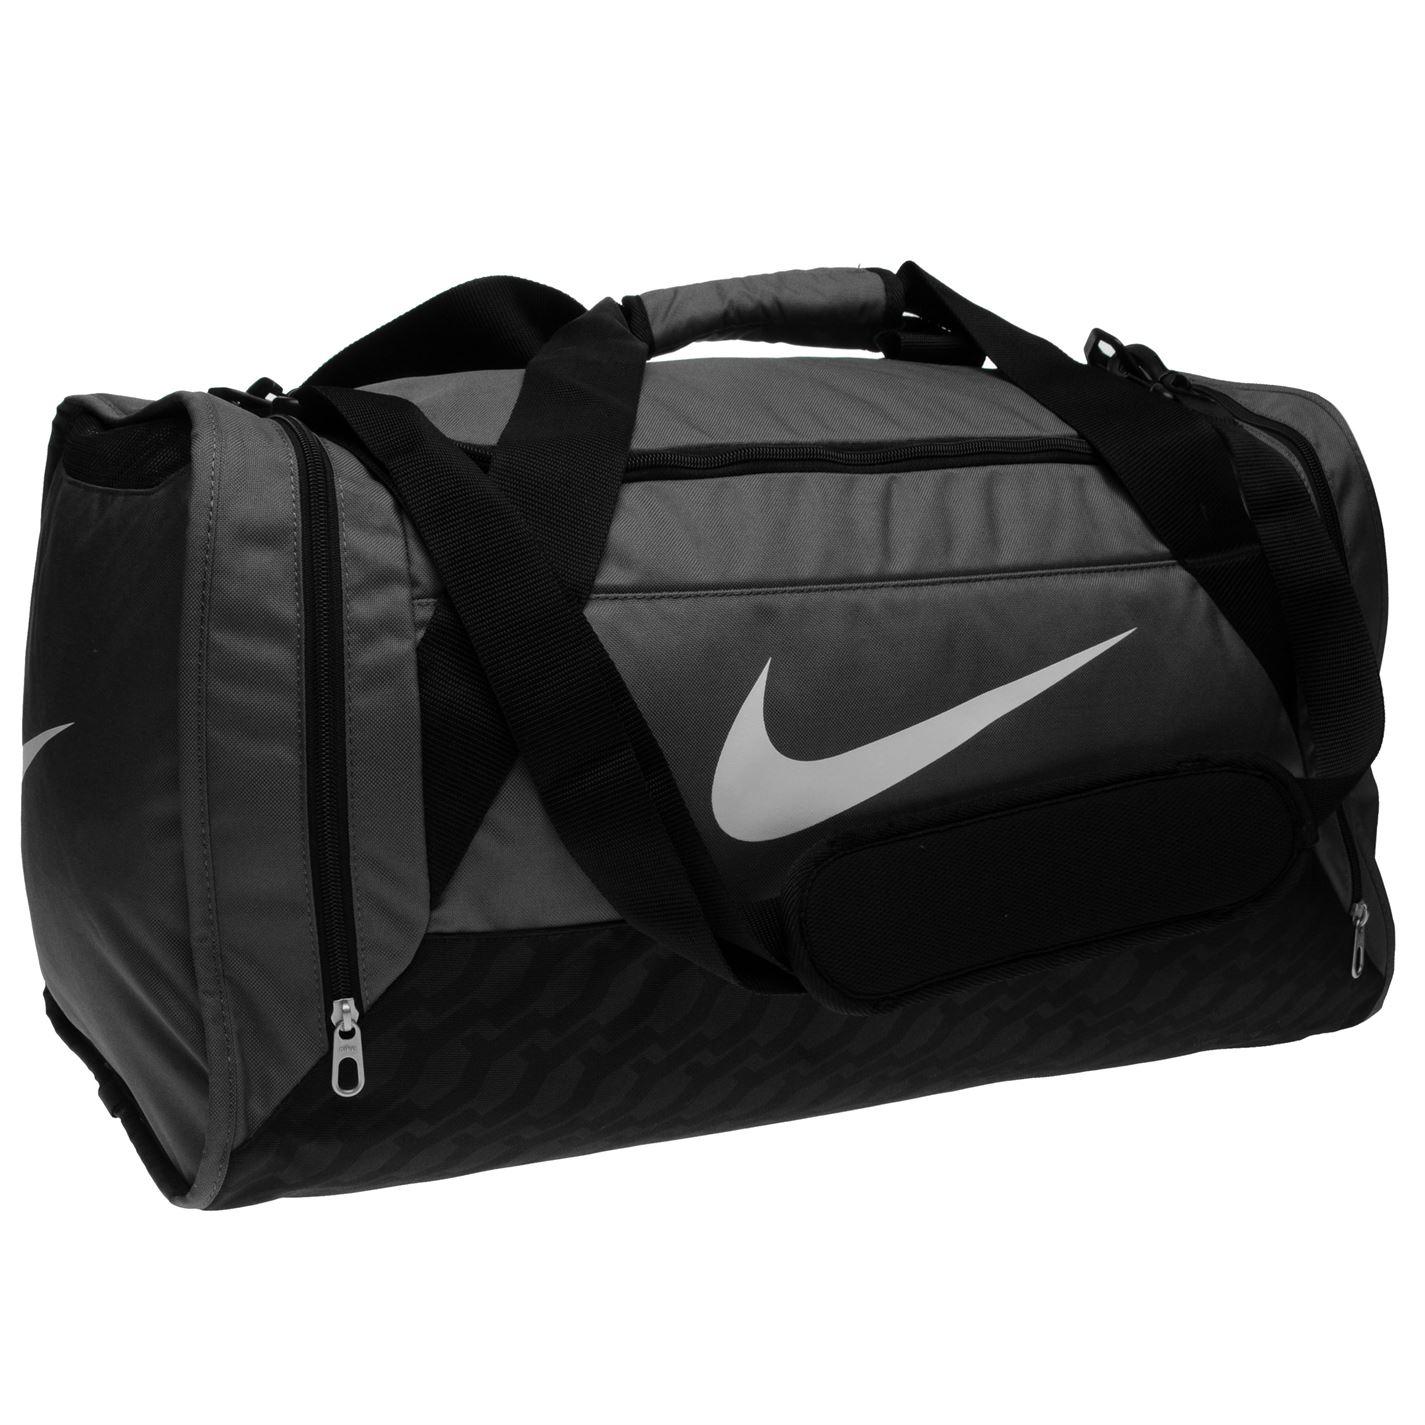 9e26cc10f6 Nike Brasilia Medium Holdall